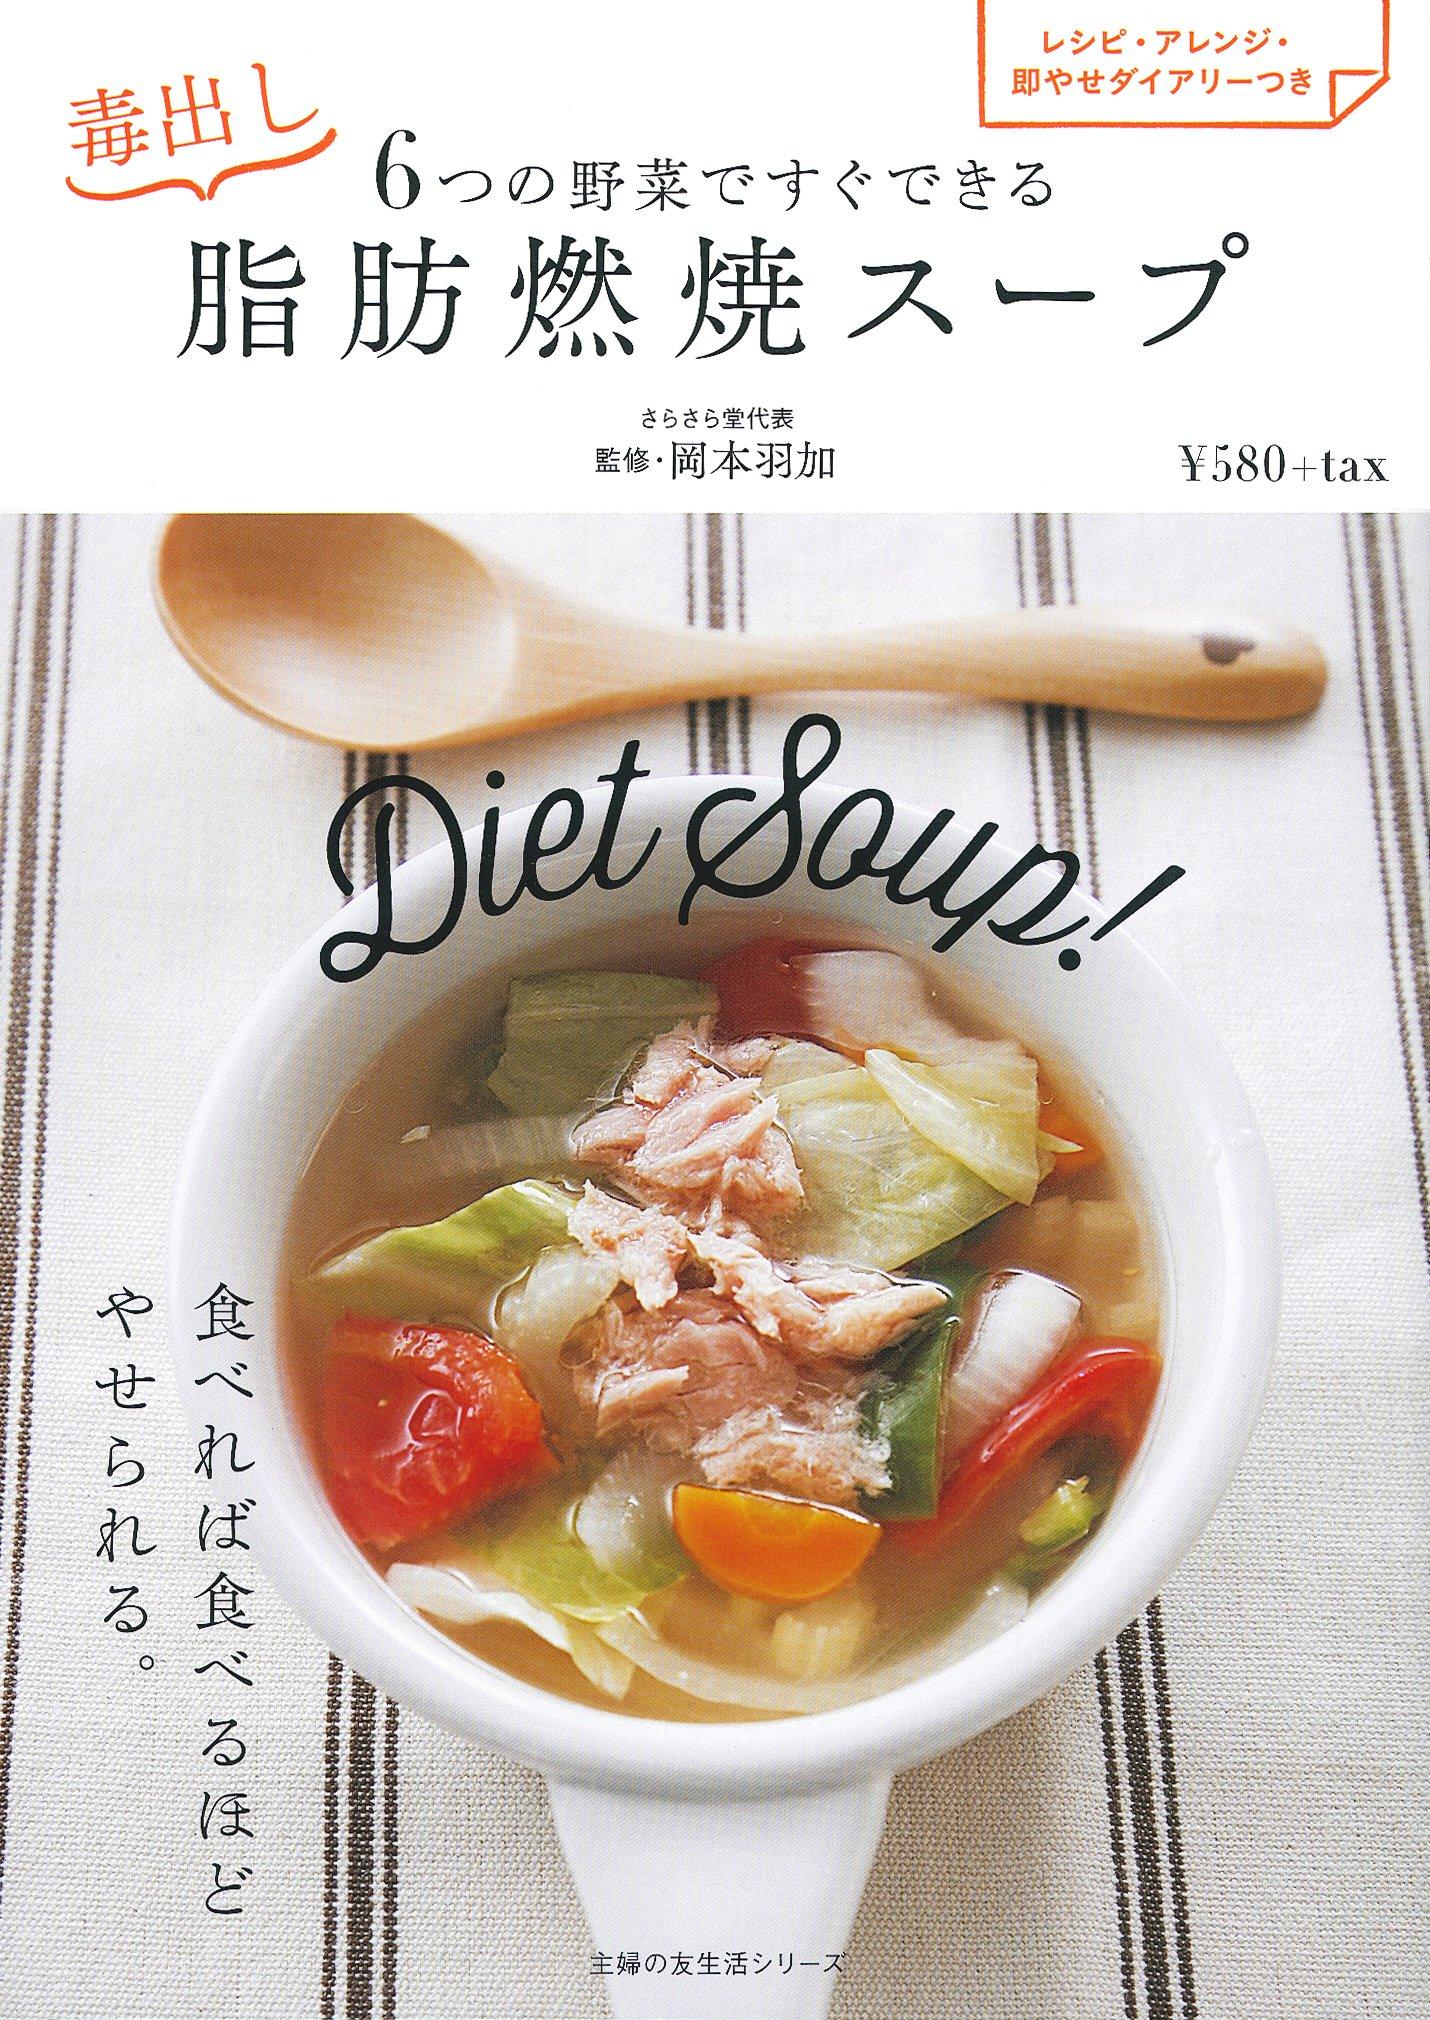 スープ 脂肪 燃焼